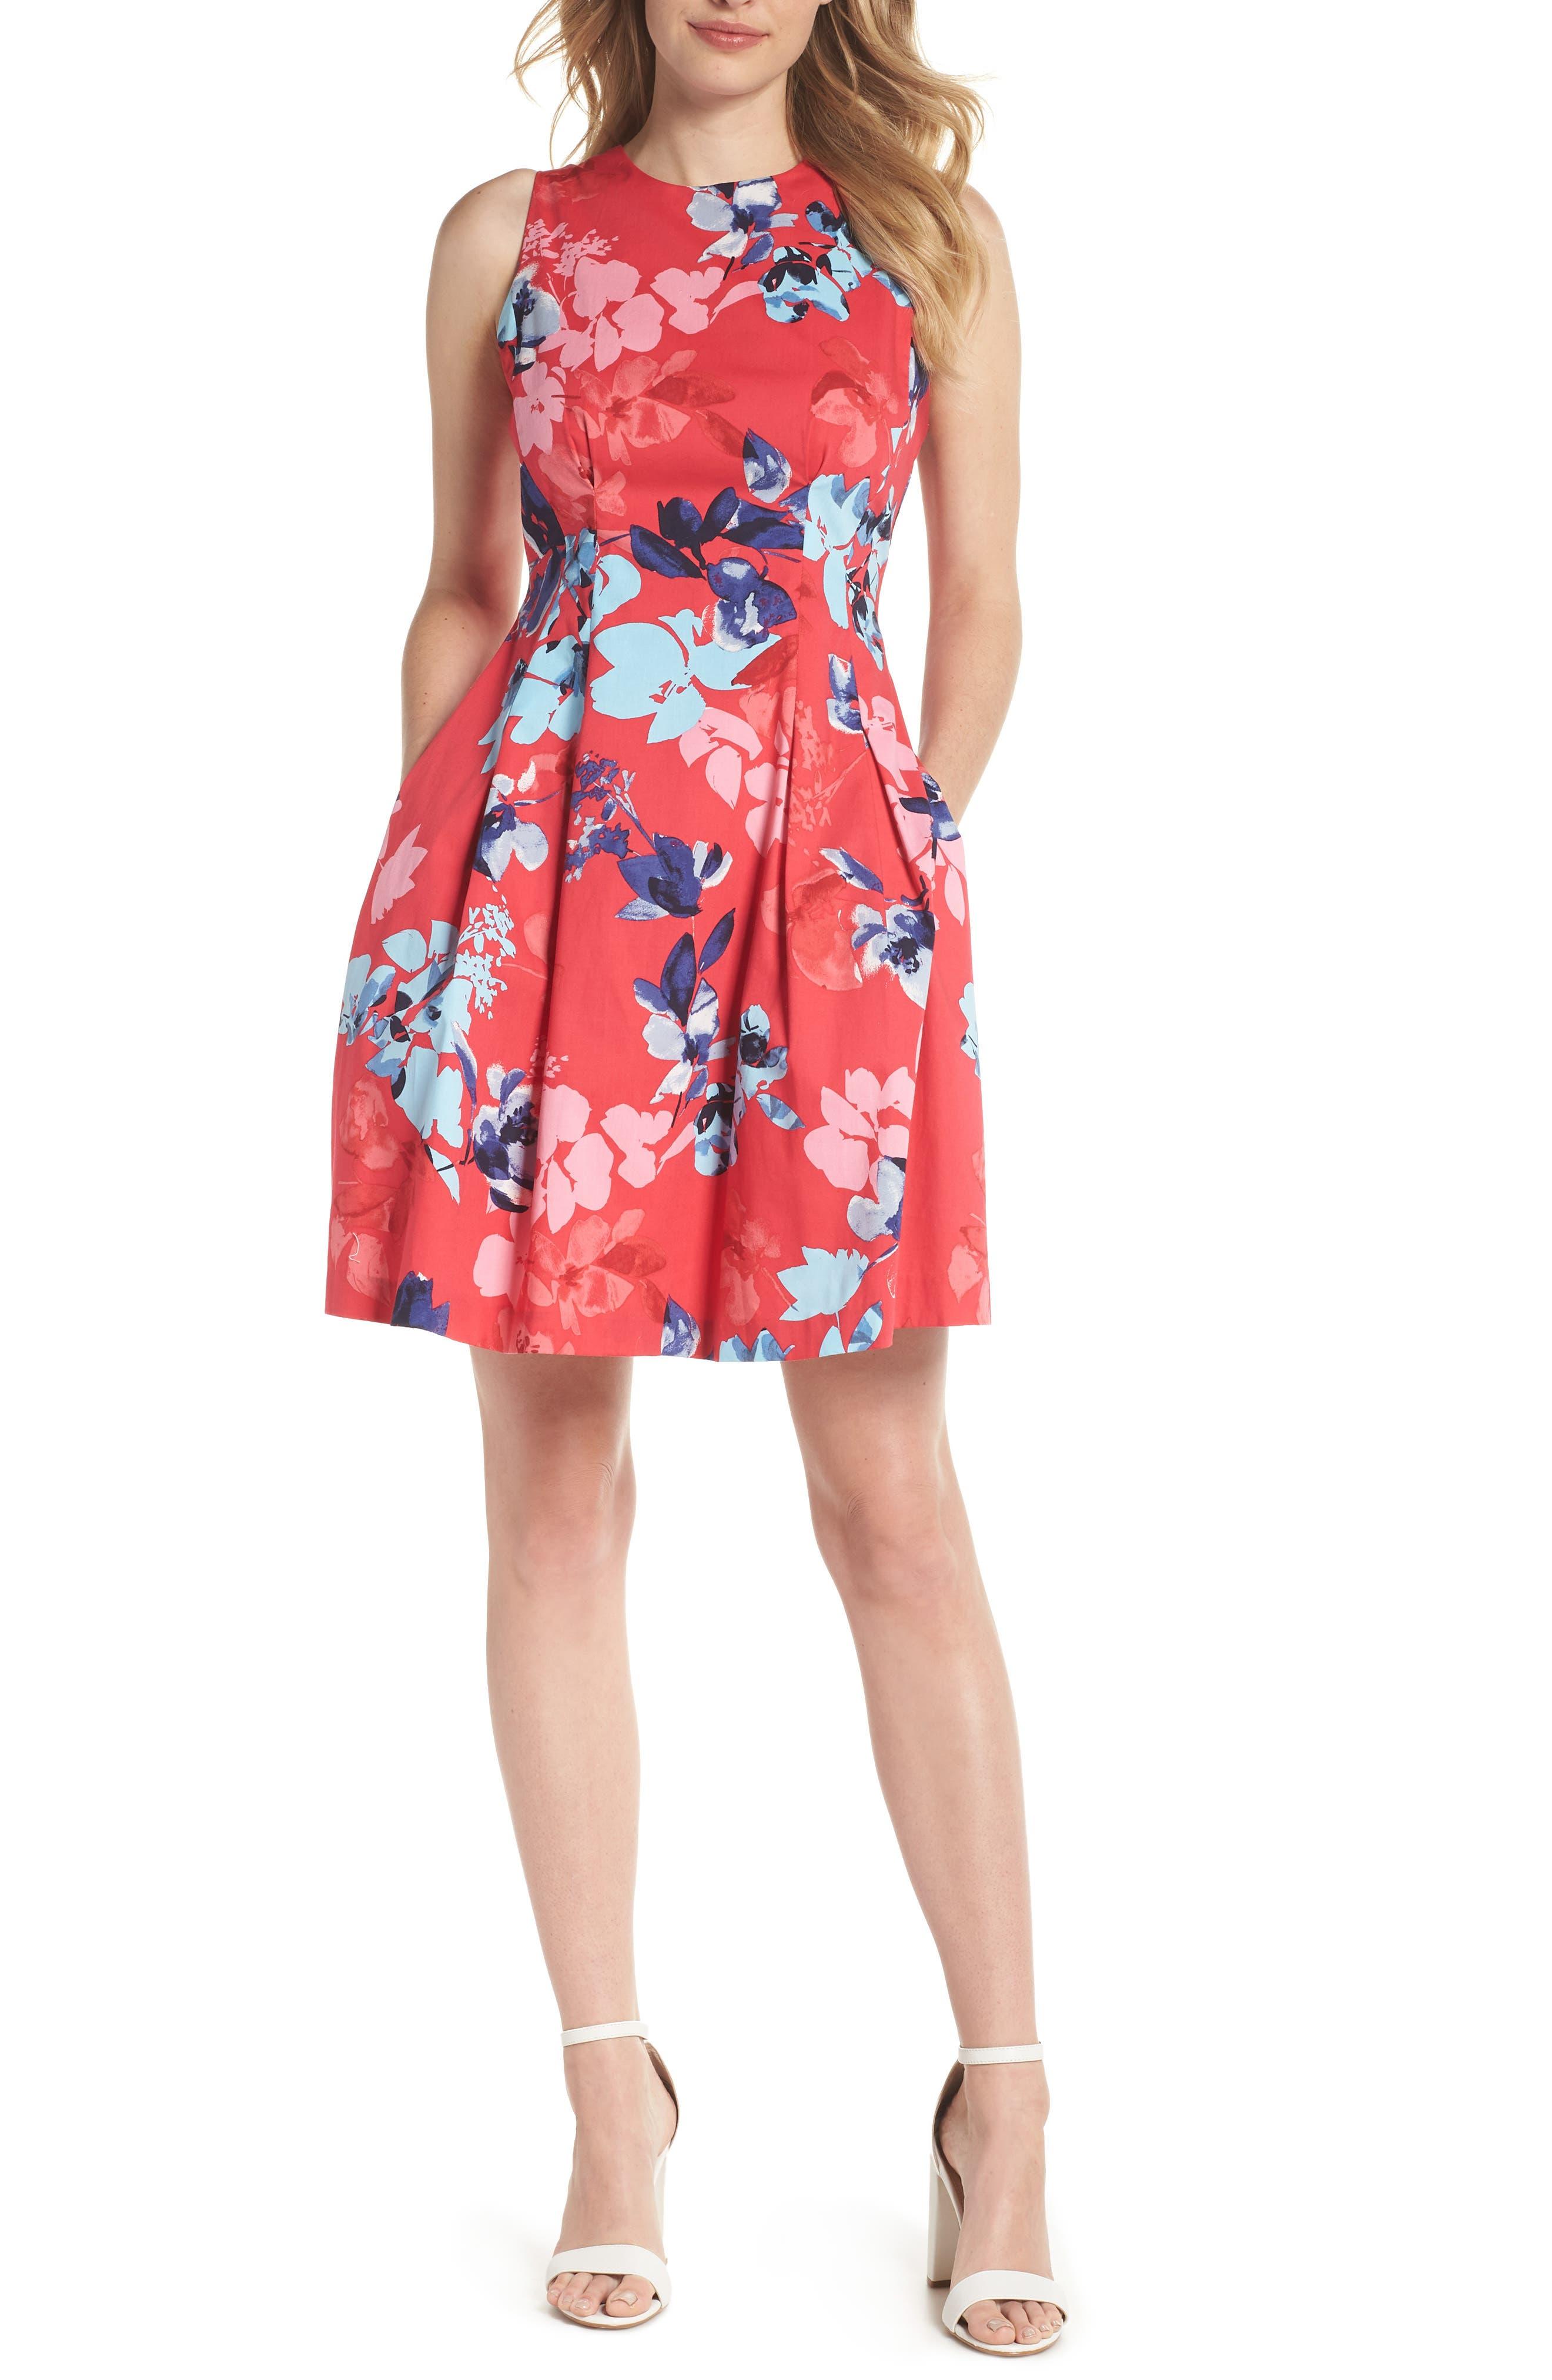 VINCE CAMUTO Floral Cotton Fit & Flare Dress, Main, color, 653